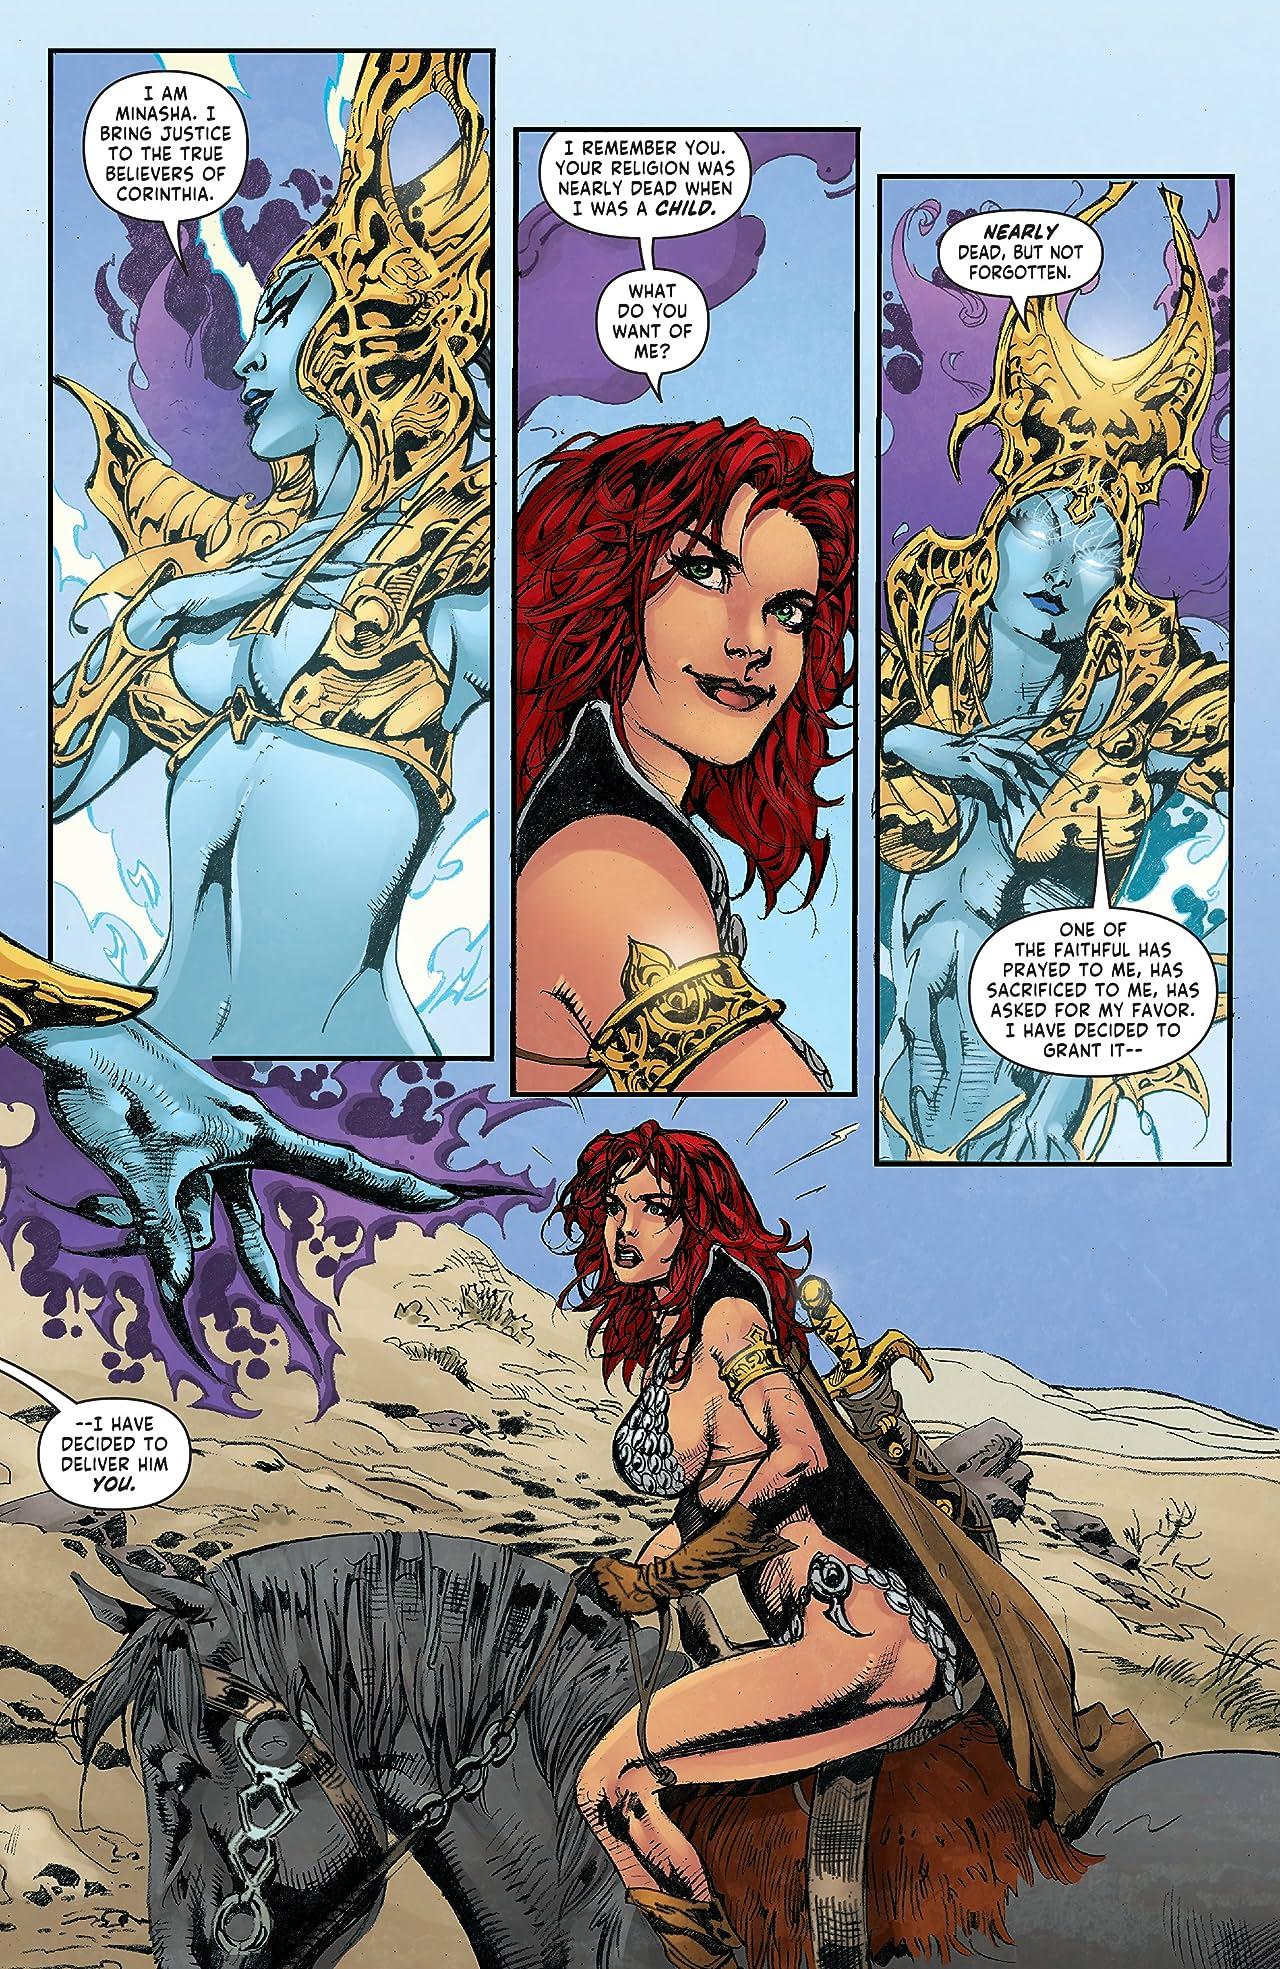 Red Sonja Vol. 4 #23